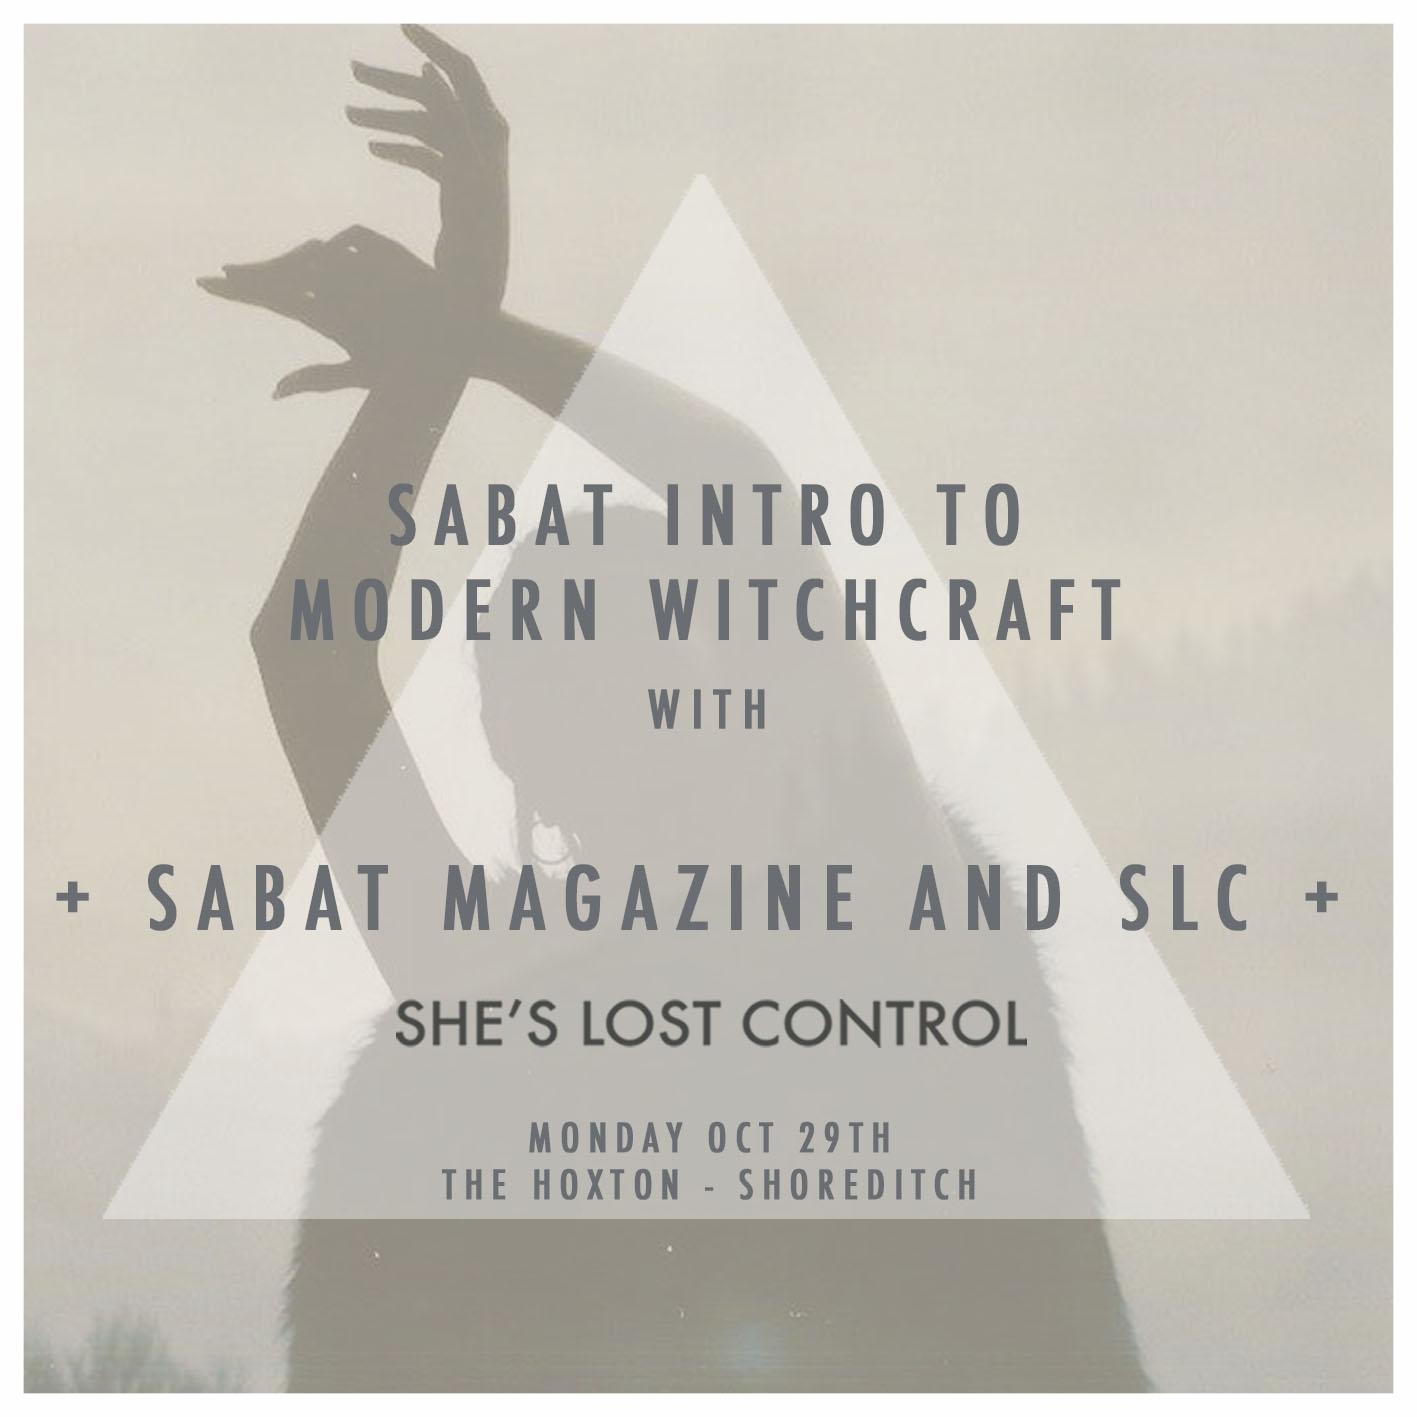 Sabat Intro to Modern Witchcraft.jpg